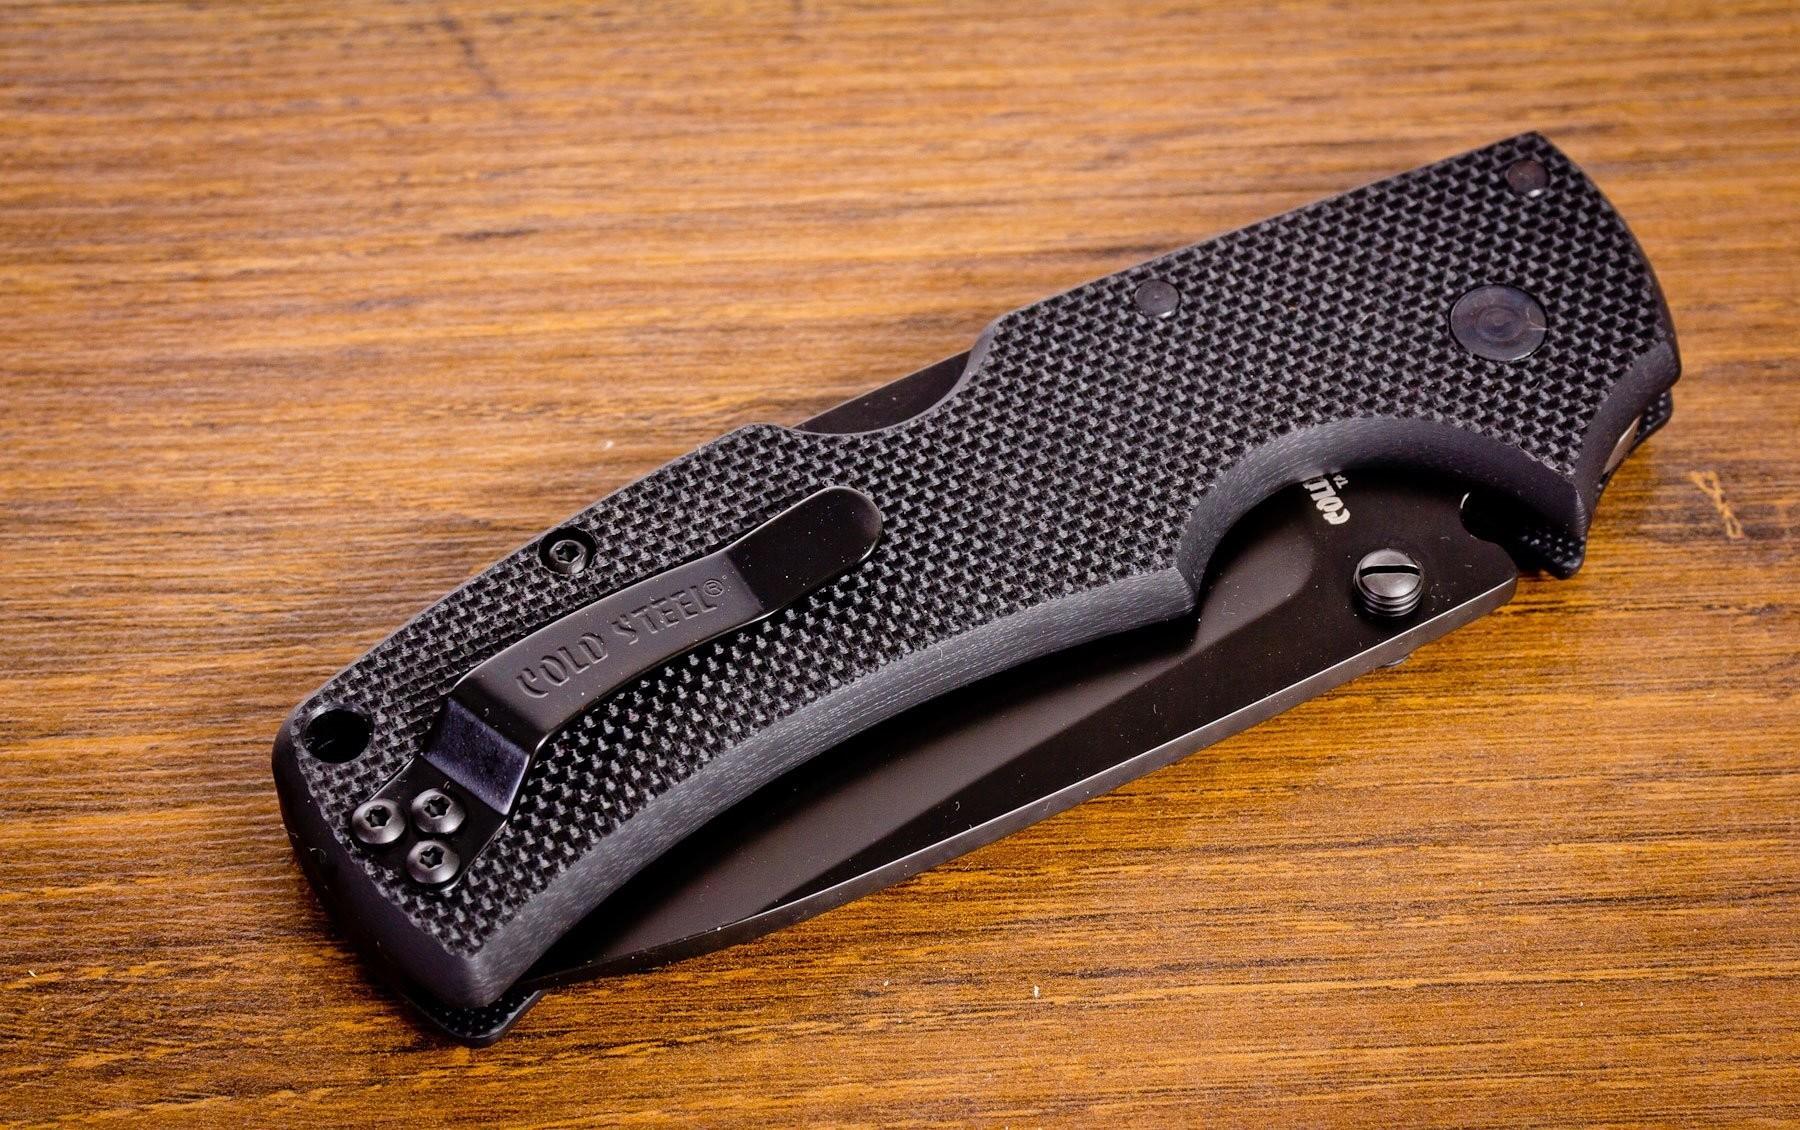 Фото 8 - Складной нож American Lawman - Cold Steel 58ACL, сталь Carpenter CTS® XHP Alloy с DLC покрытием, рукоять G-10 черный